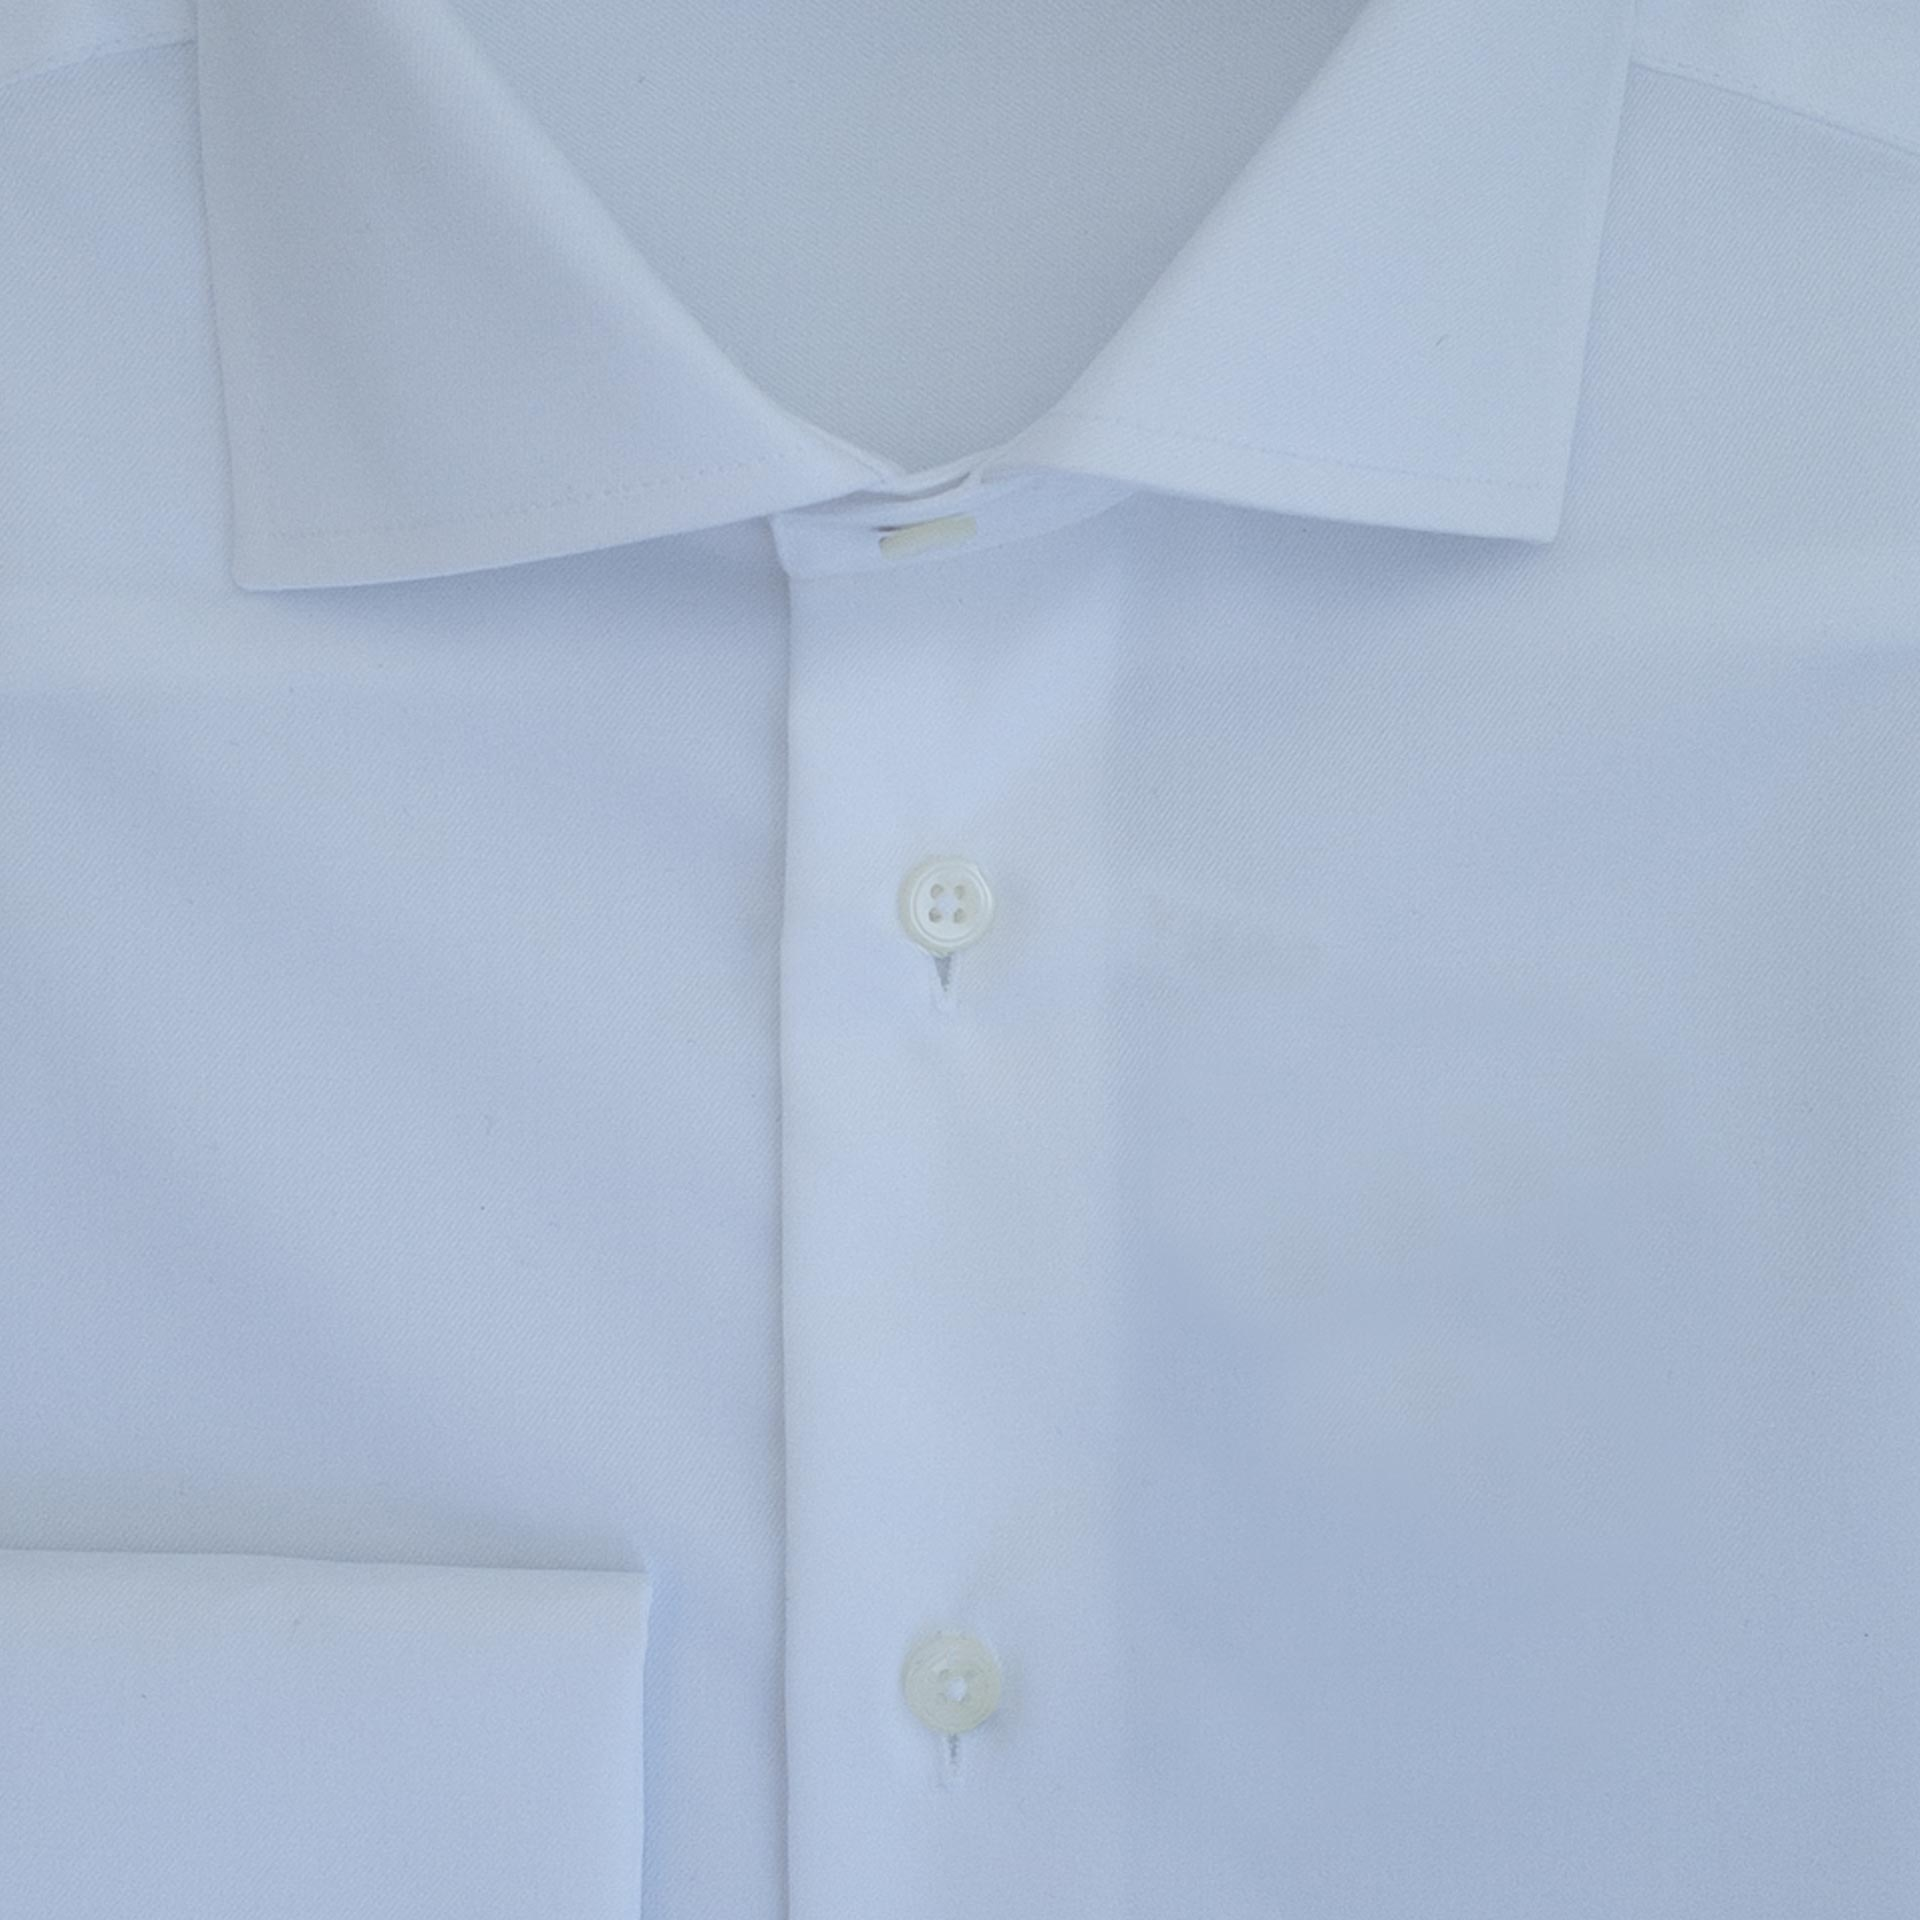 Hvit ensfarget skjorte med dobbel mansjett. Strykelett